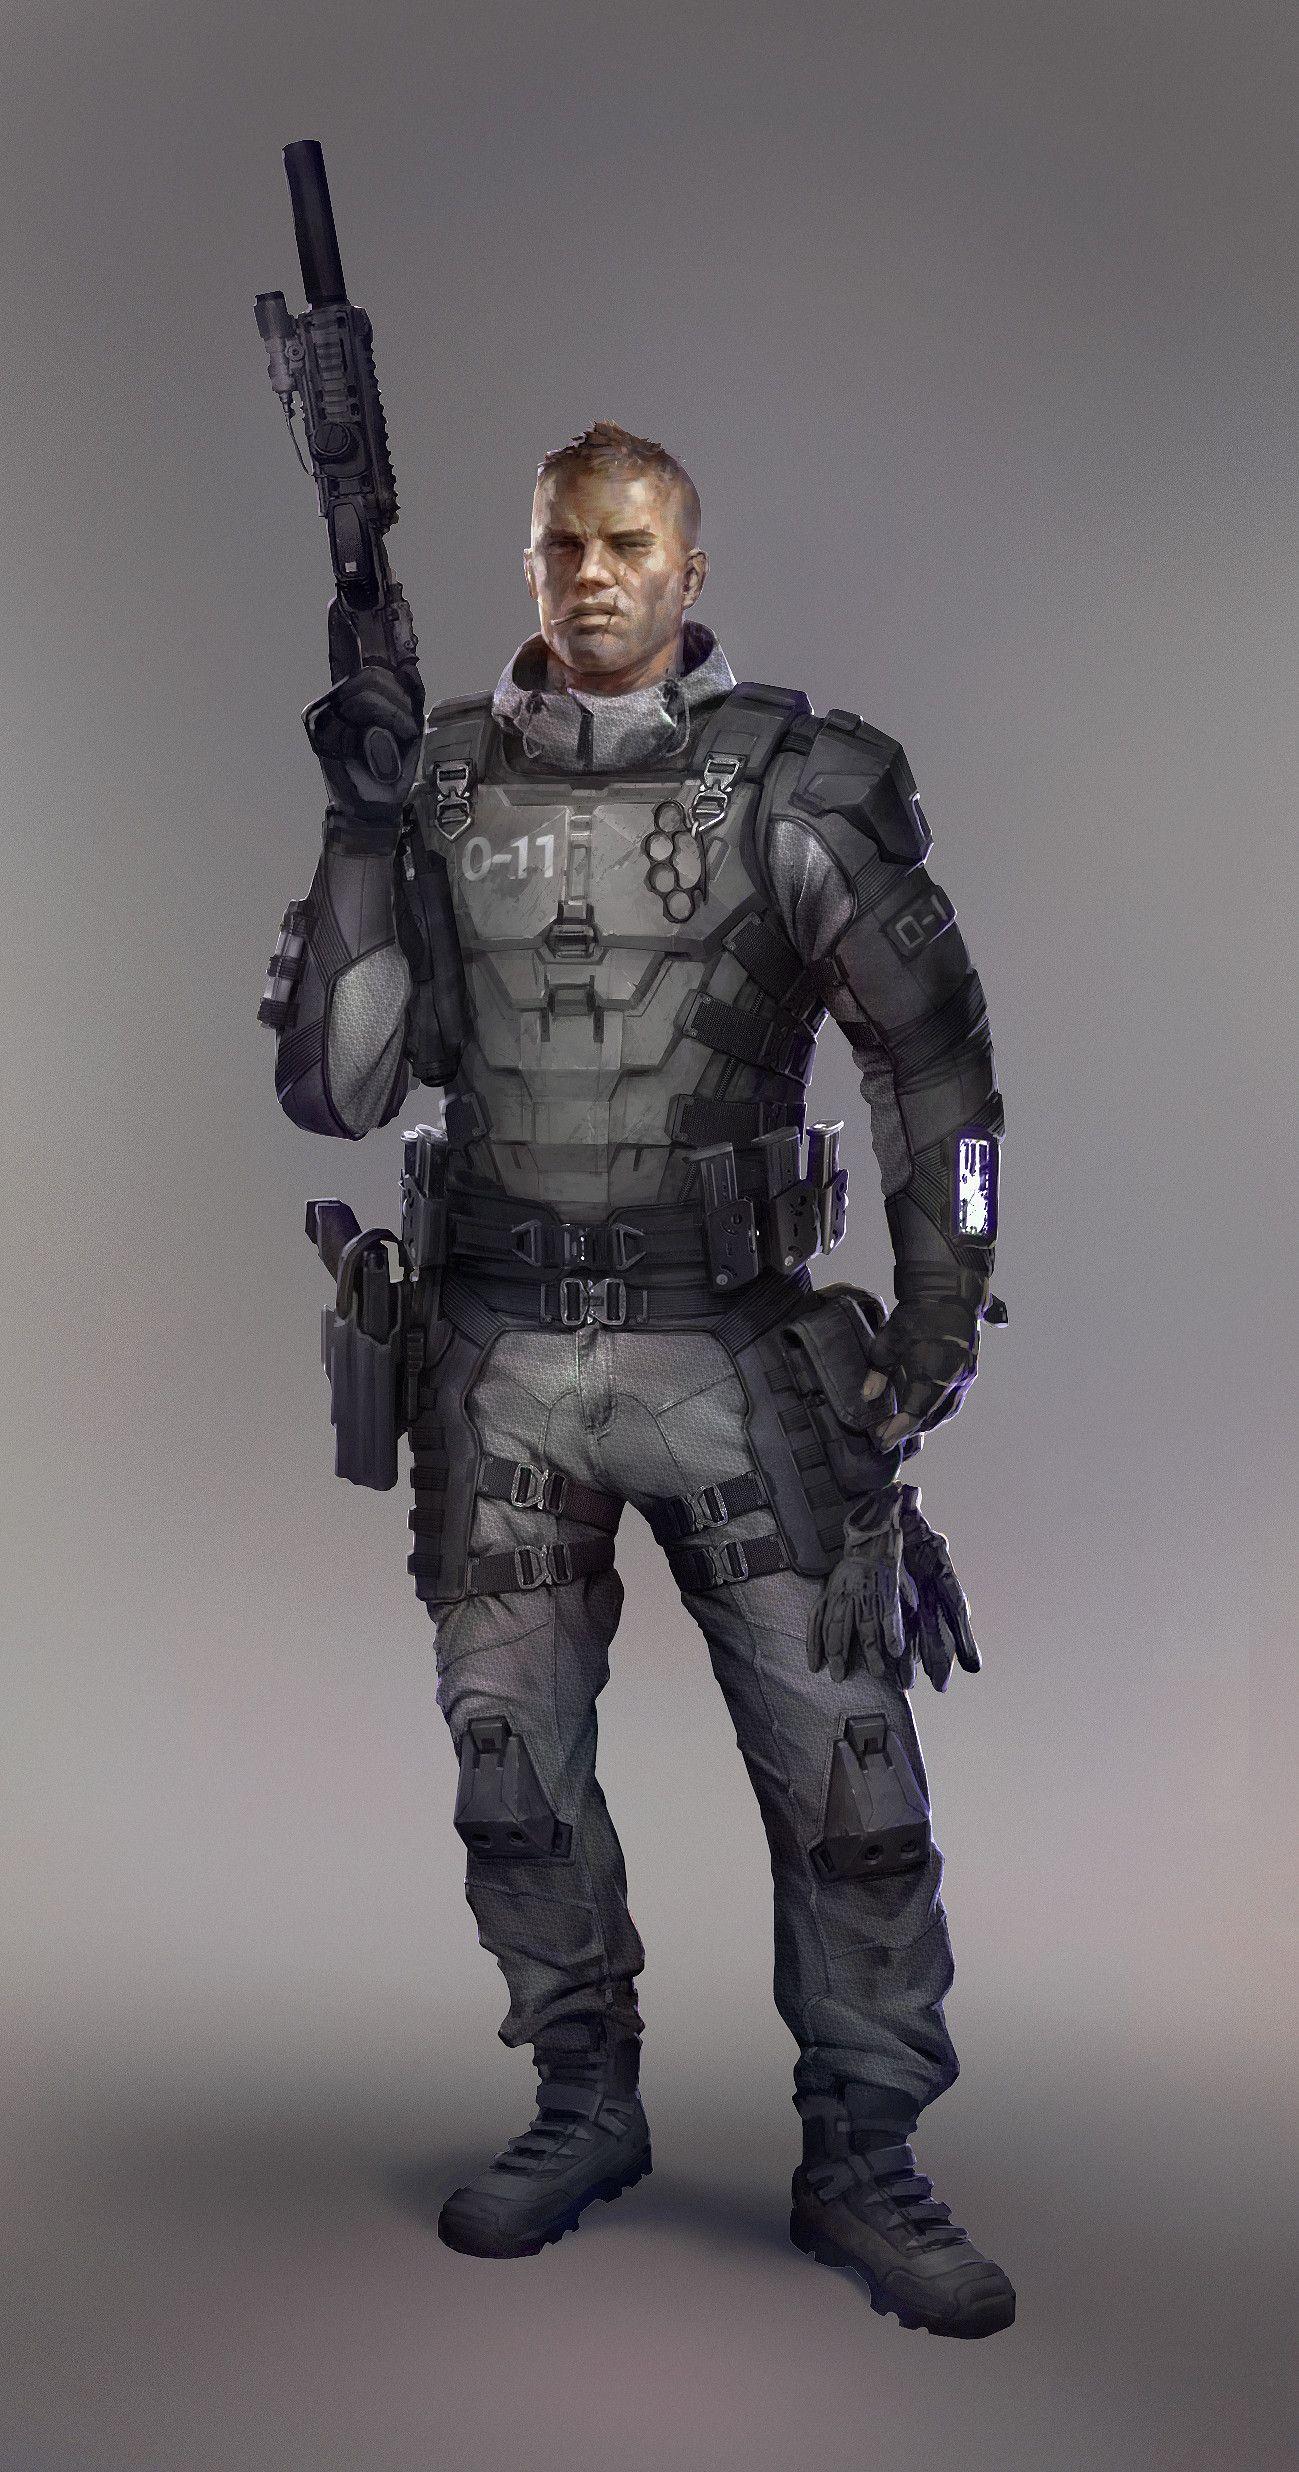 Pin by Egas Basto on Characters: Modern / Sci Fi | Sci fi